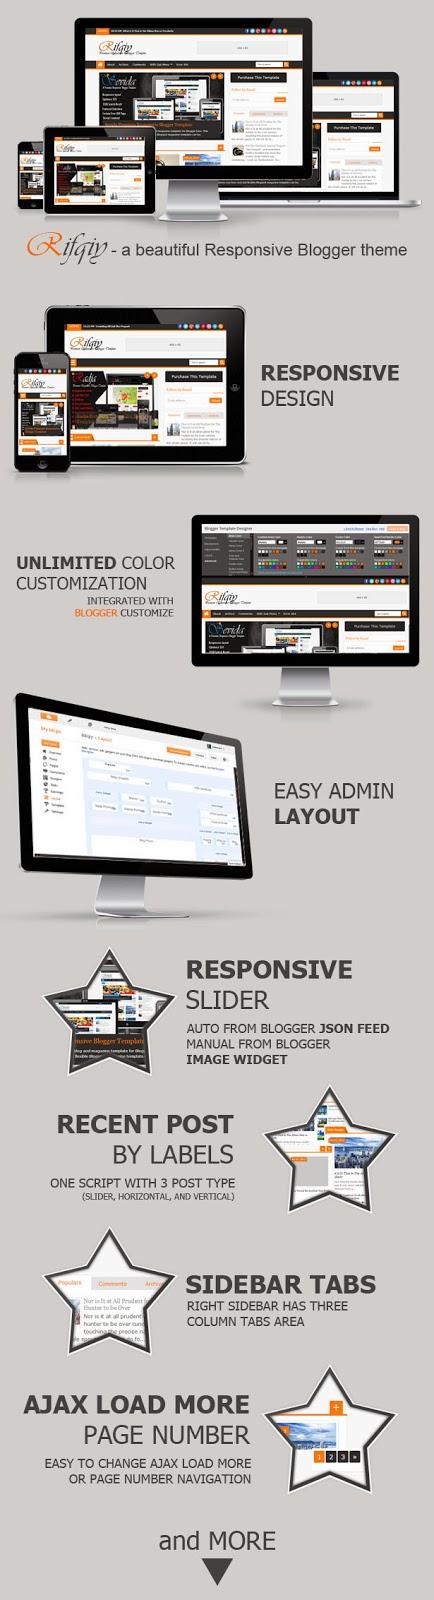 Rifqiy Template - Mẫu Blogspot Responsive hoàn hảo cho trang tin tức